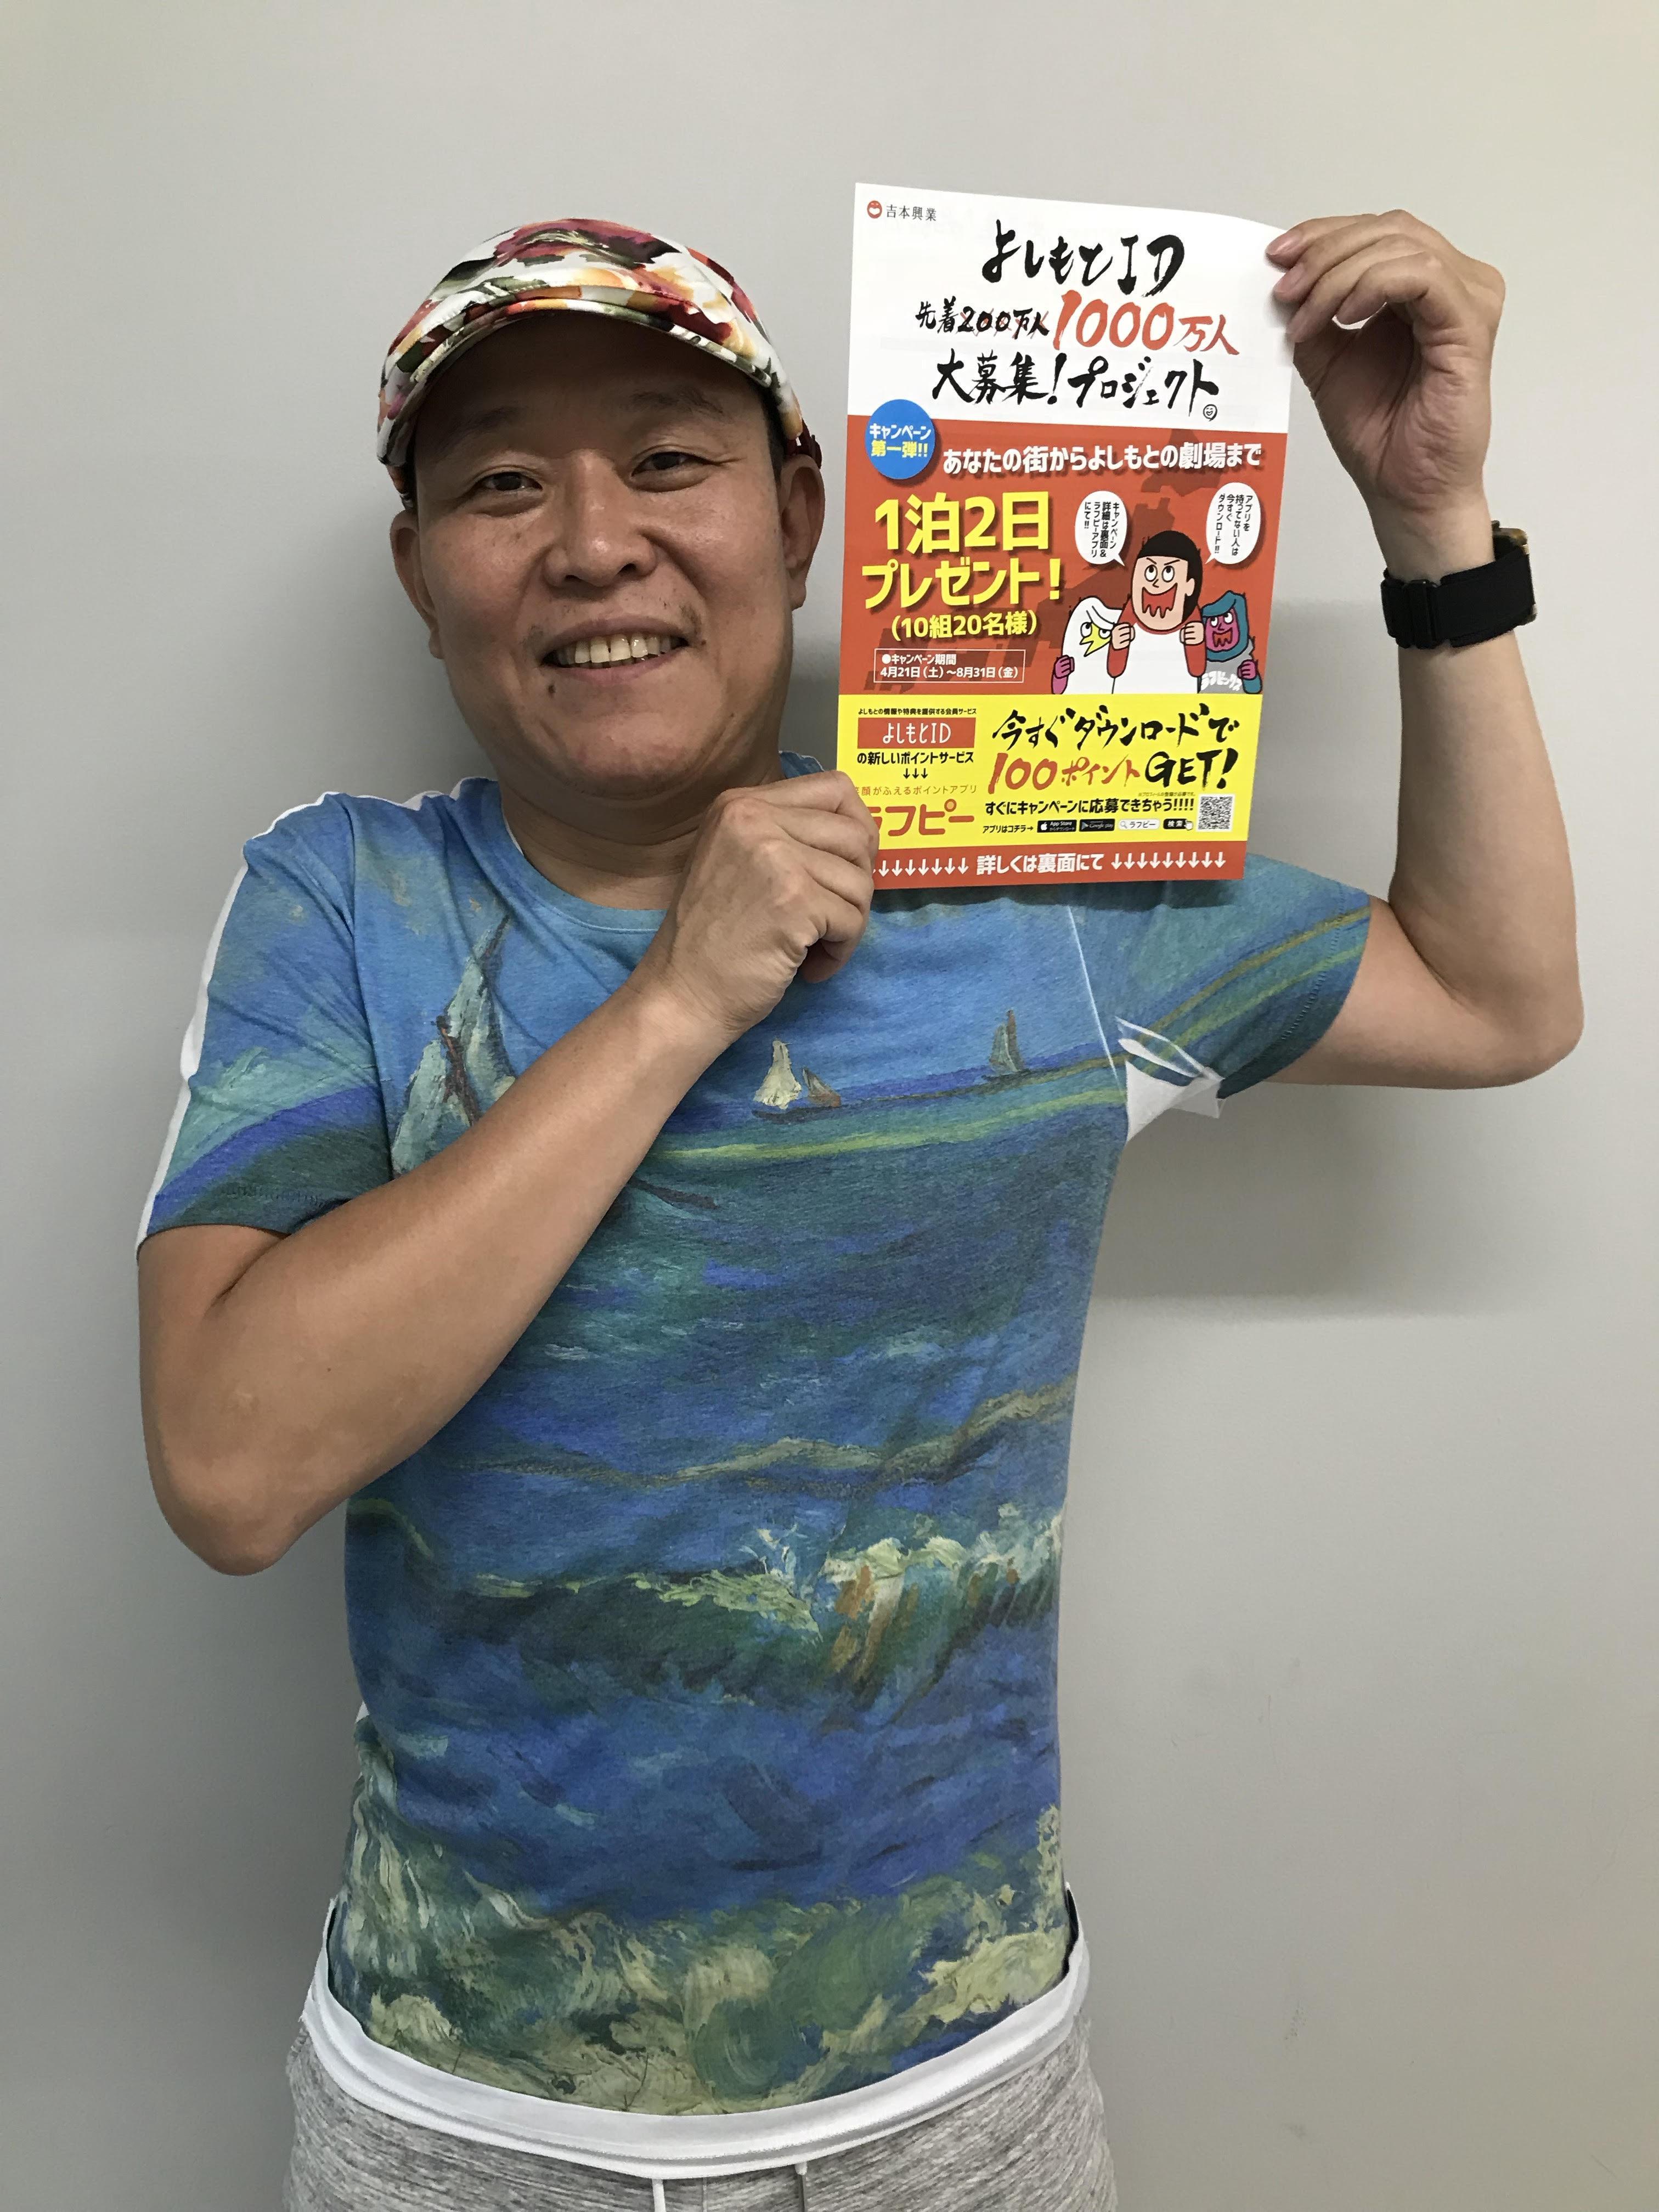 http://news.yoshimoto.co.jp/20180626183737-eeb9319cc1540694a82d1bcc53bd3c540b26bae9.jpg